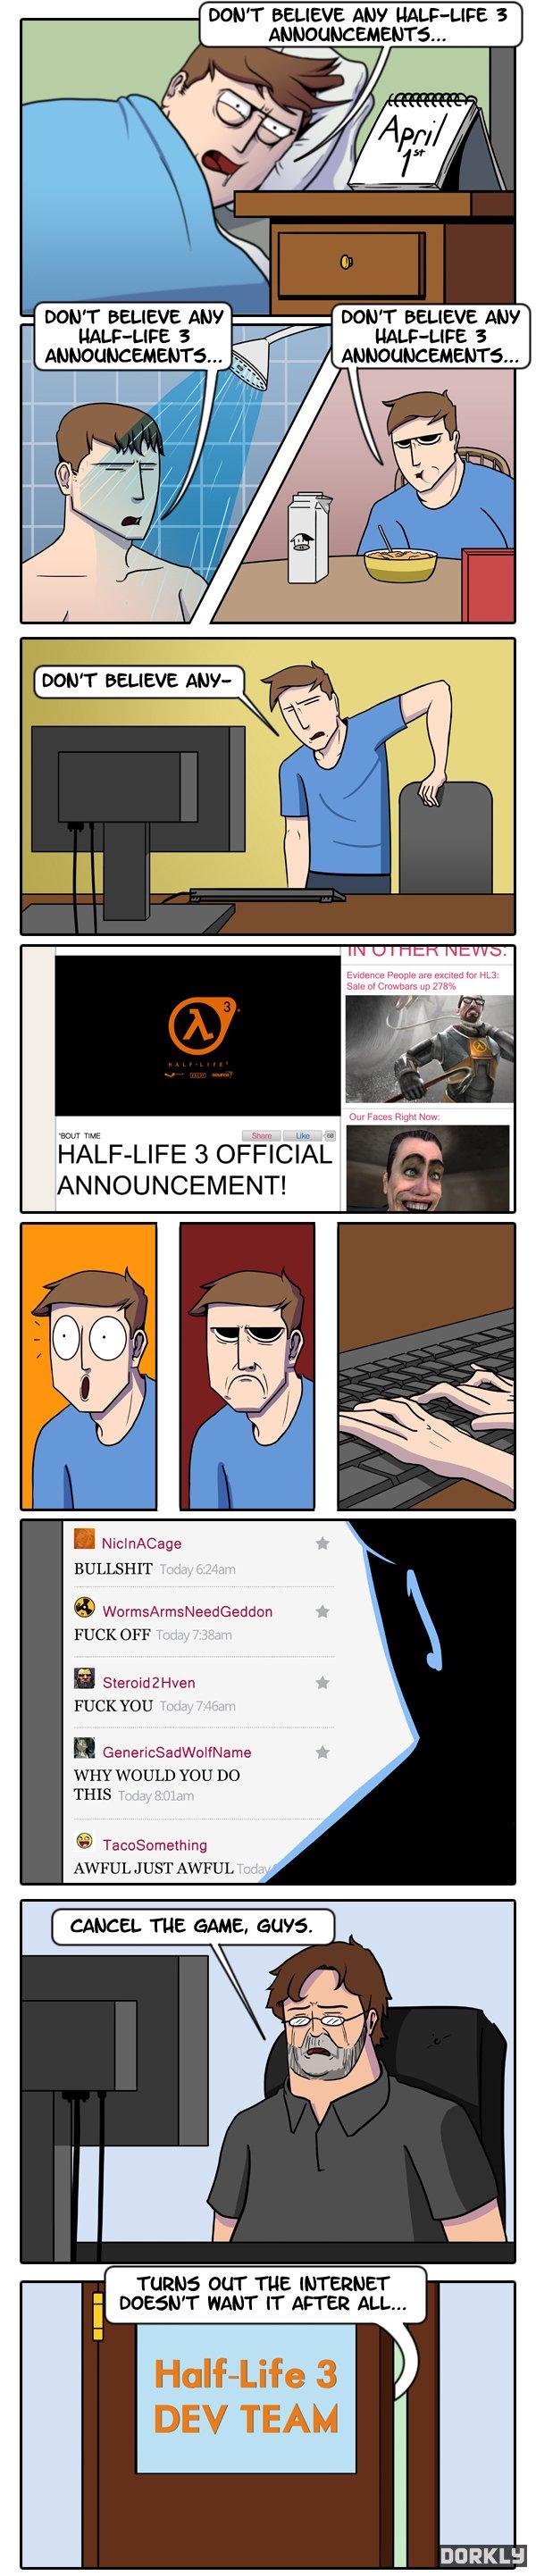 Hl3 Confirmed : confirmed, Believe, Half-Life, Confirmed